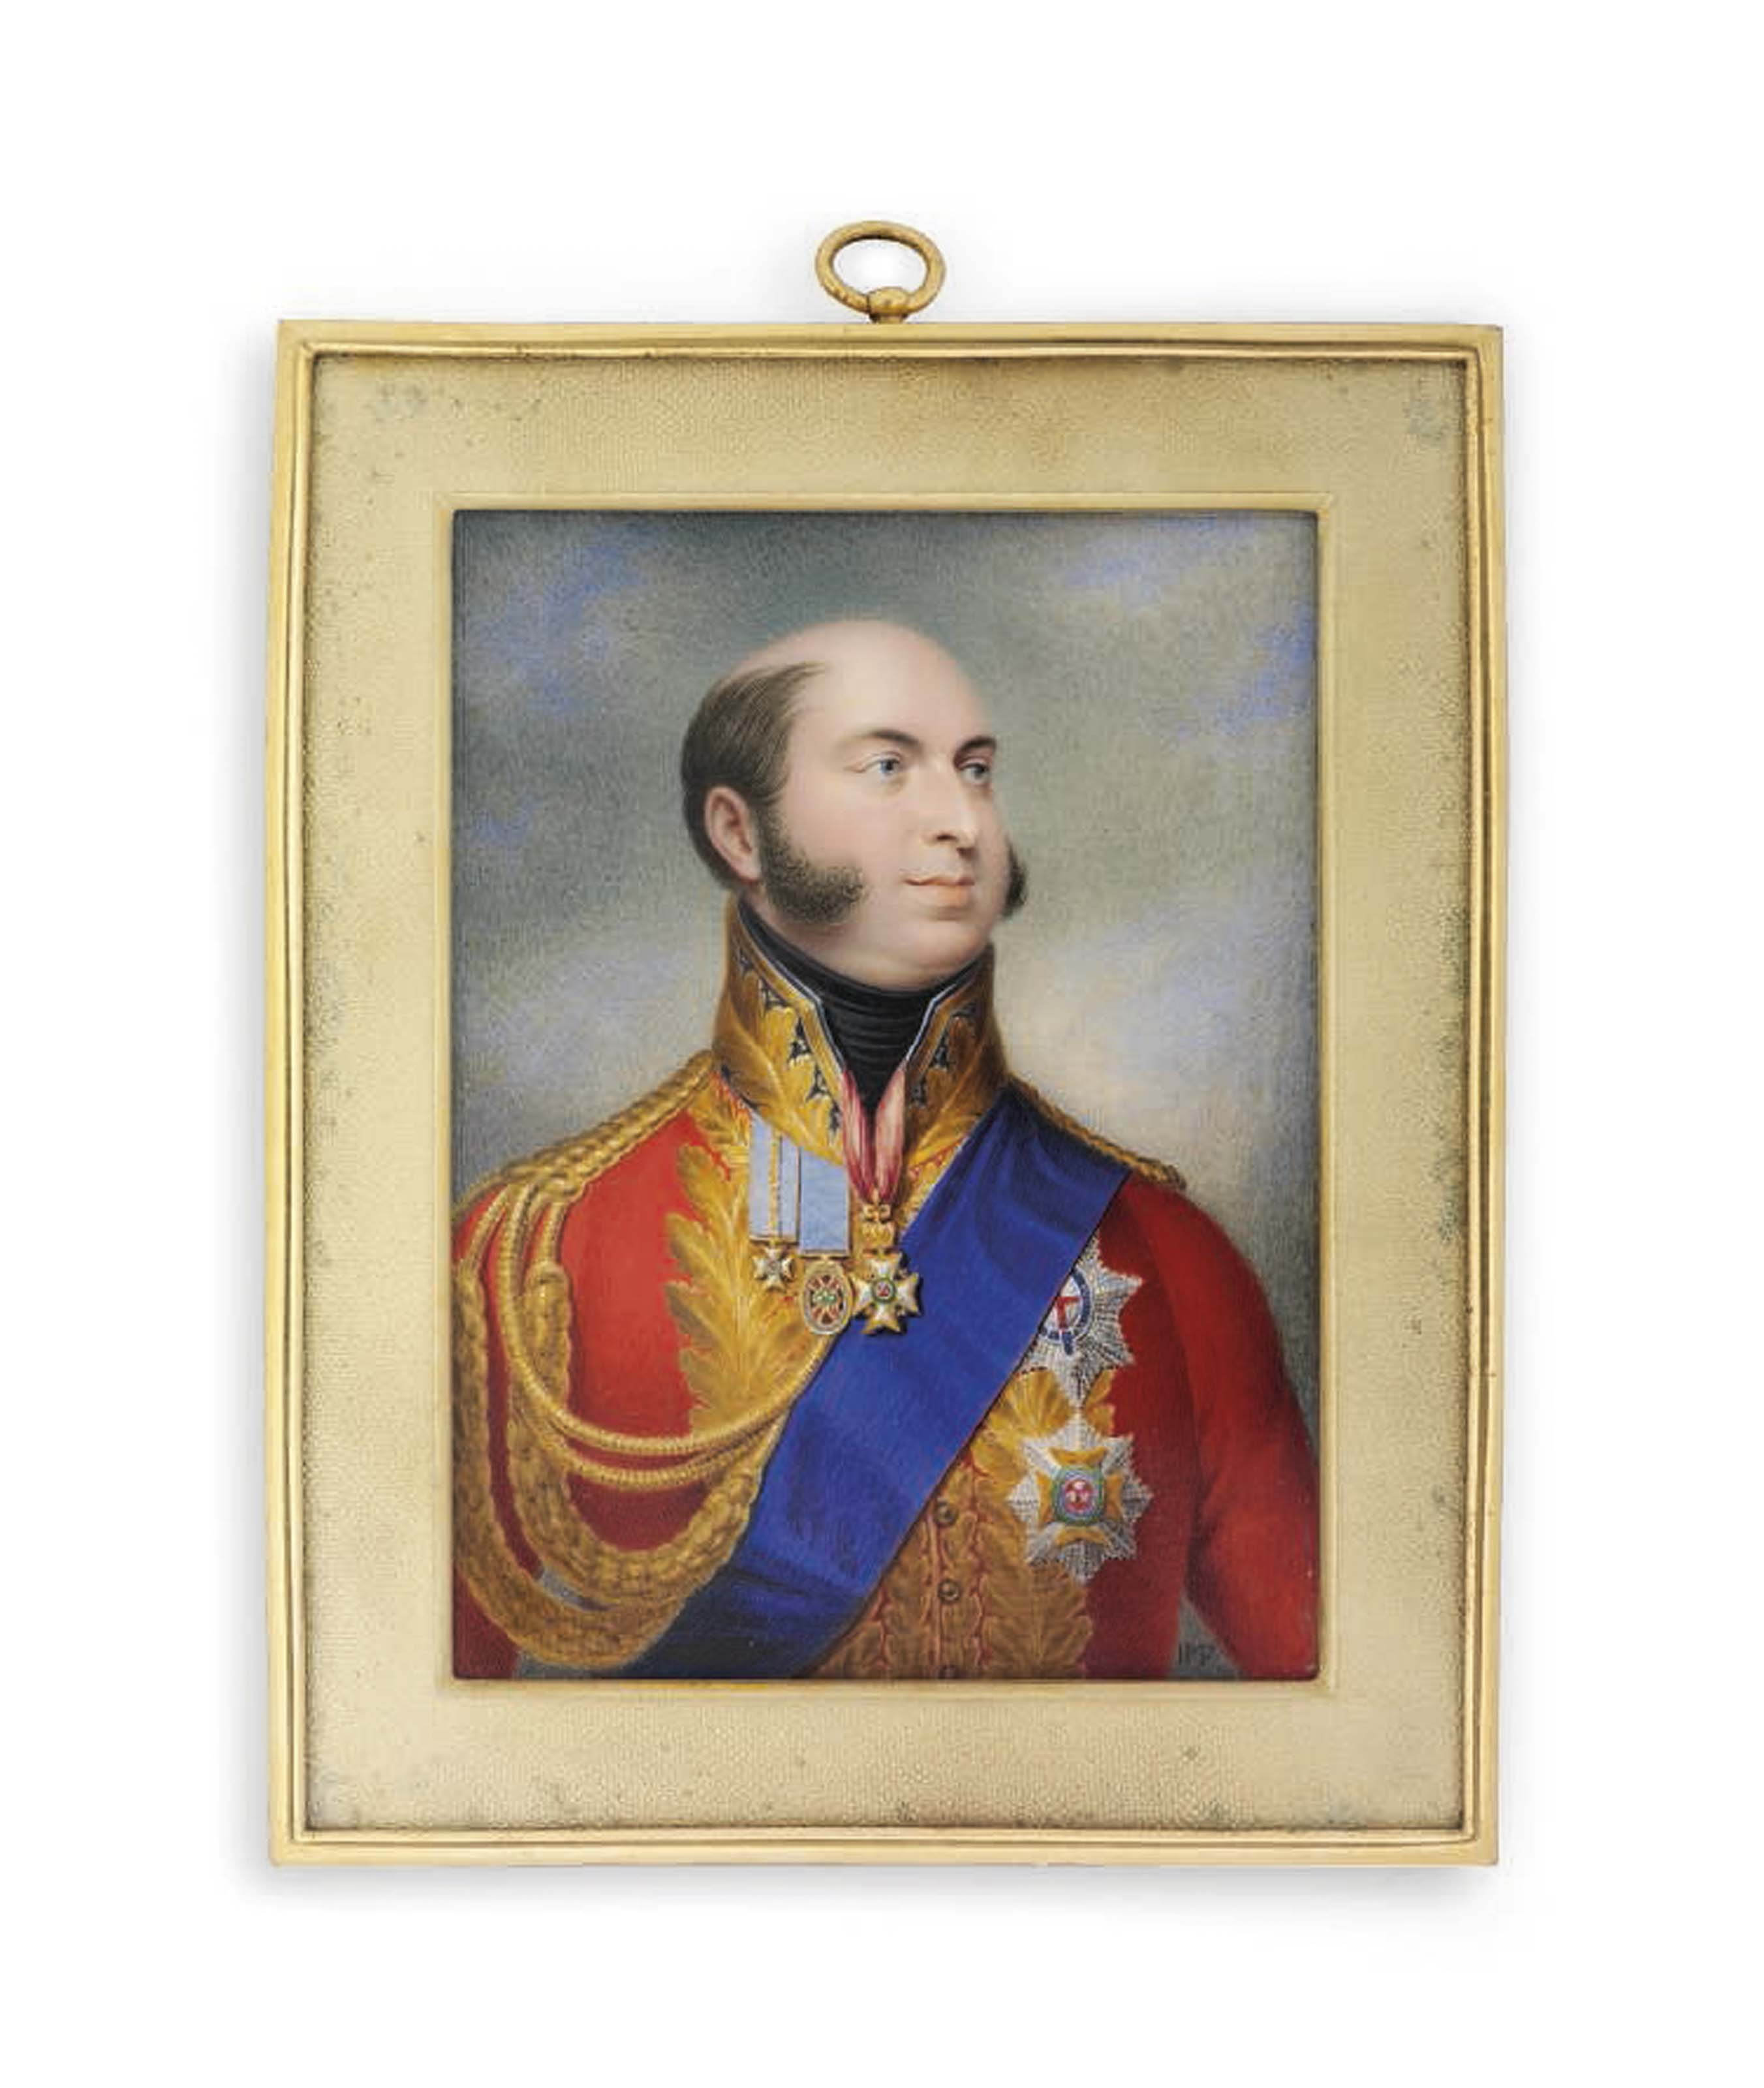 JOHANN GEORG PAUL FISCHER (ANGLO-GERMAN, 1786-1875)